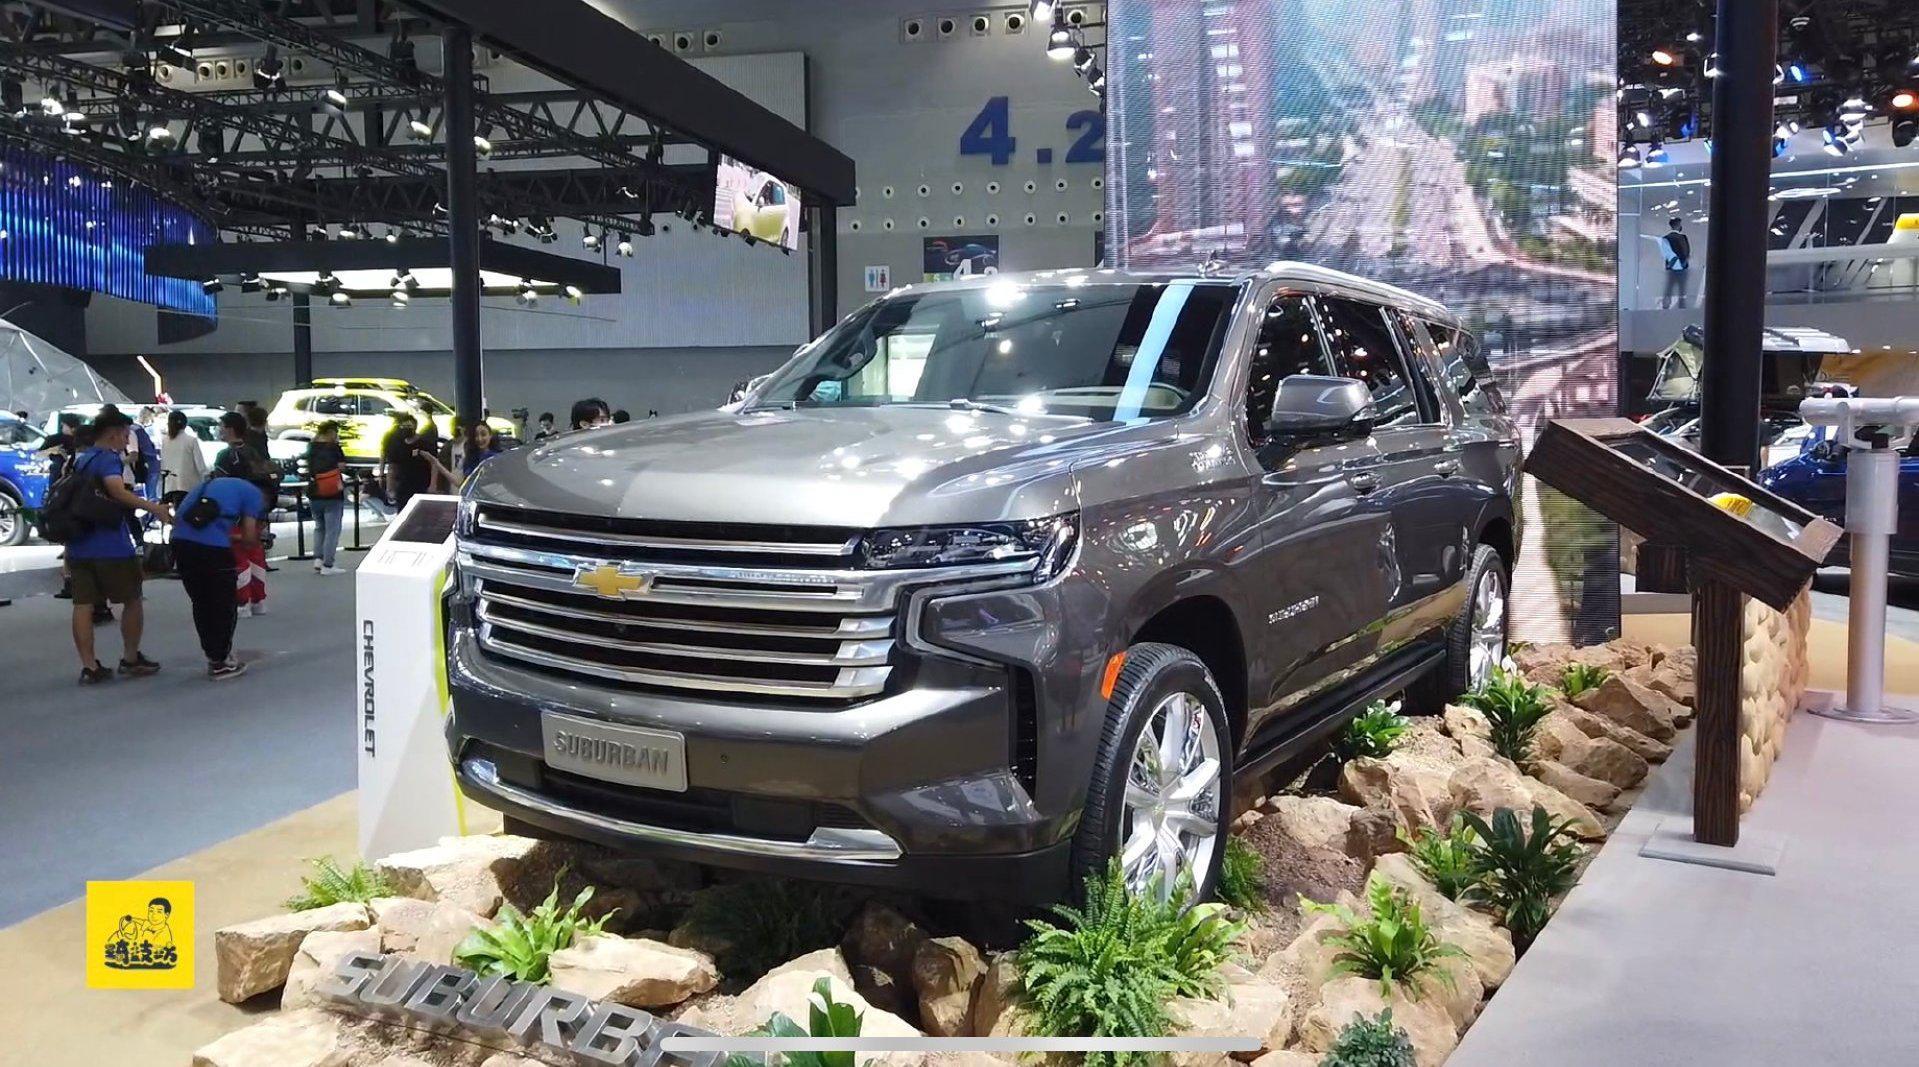 提到了美式全尺寸SUV,很多人肯定会提到来自雪佛兰的Suburban……